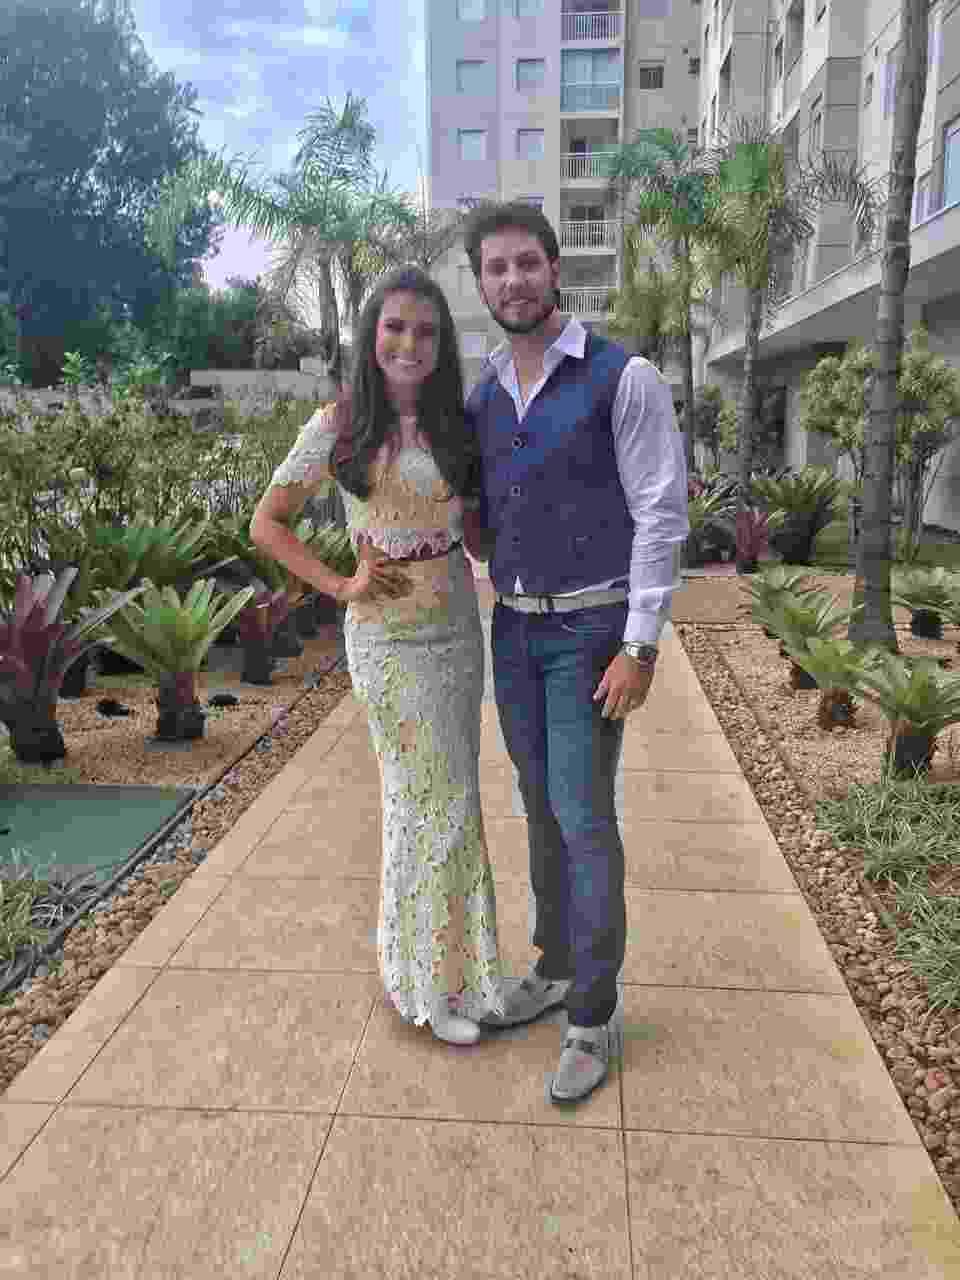 16.jul.2016- Os ex-BBBs Kamilla Salgado e Eliéser Ambrósio se casaram no civil neste sábado, em São Paulo - Rubens Caetano / MF Models Assessoria